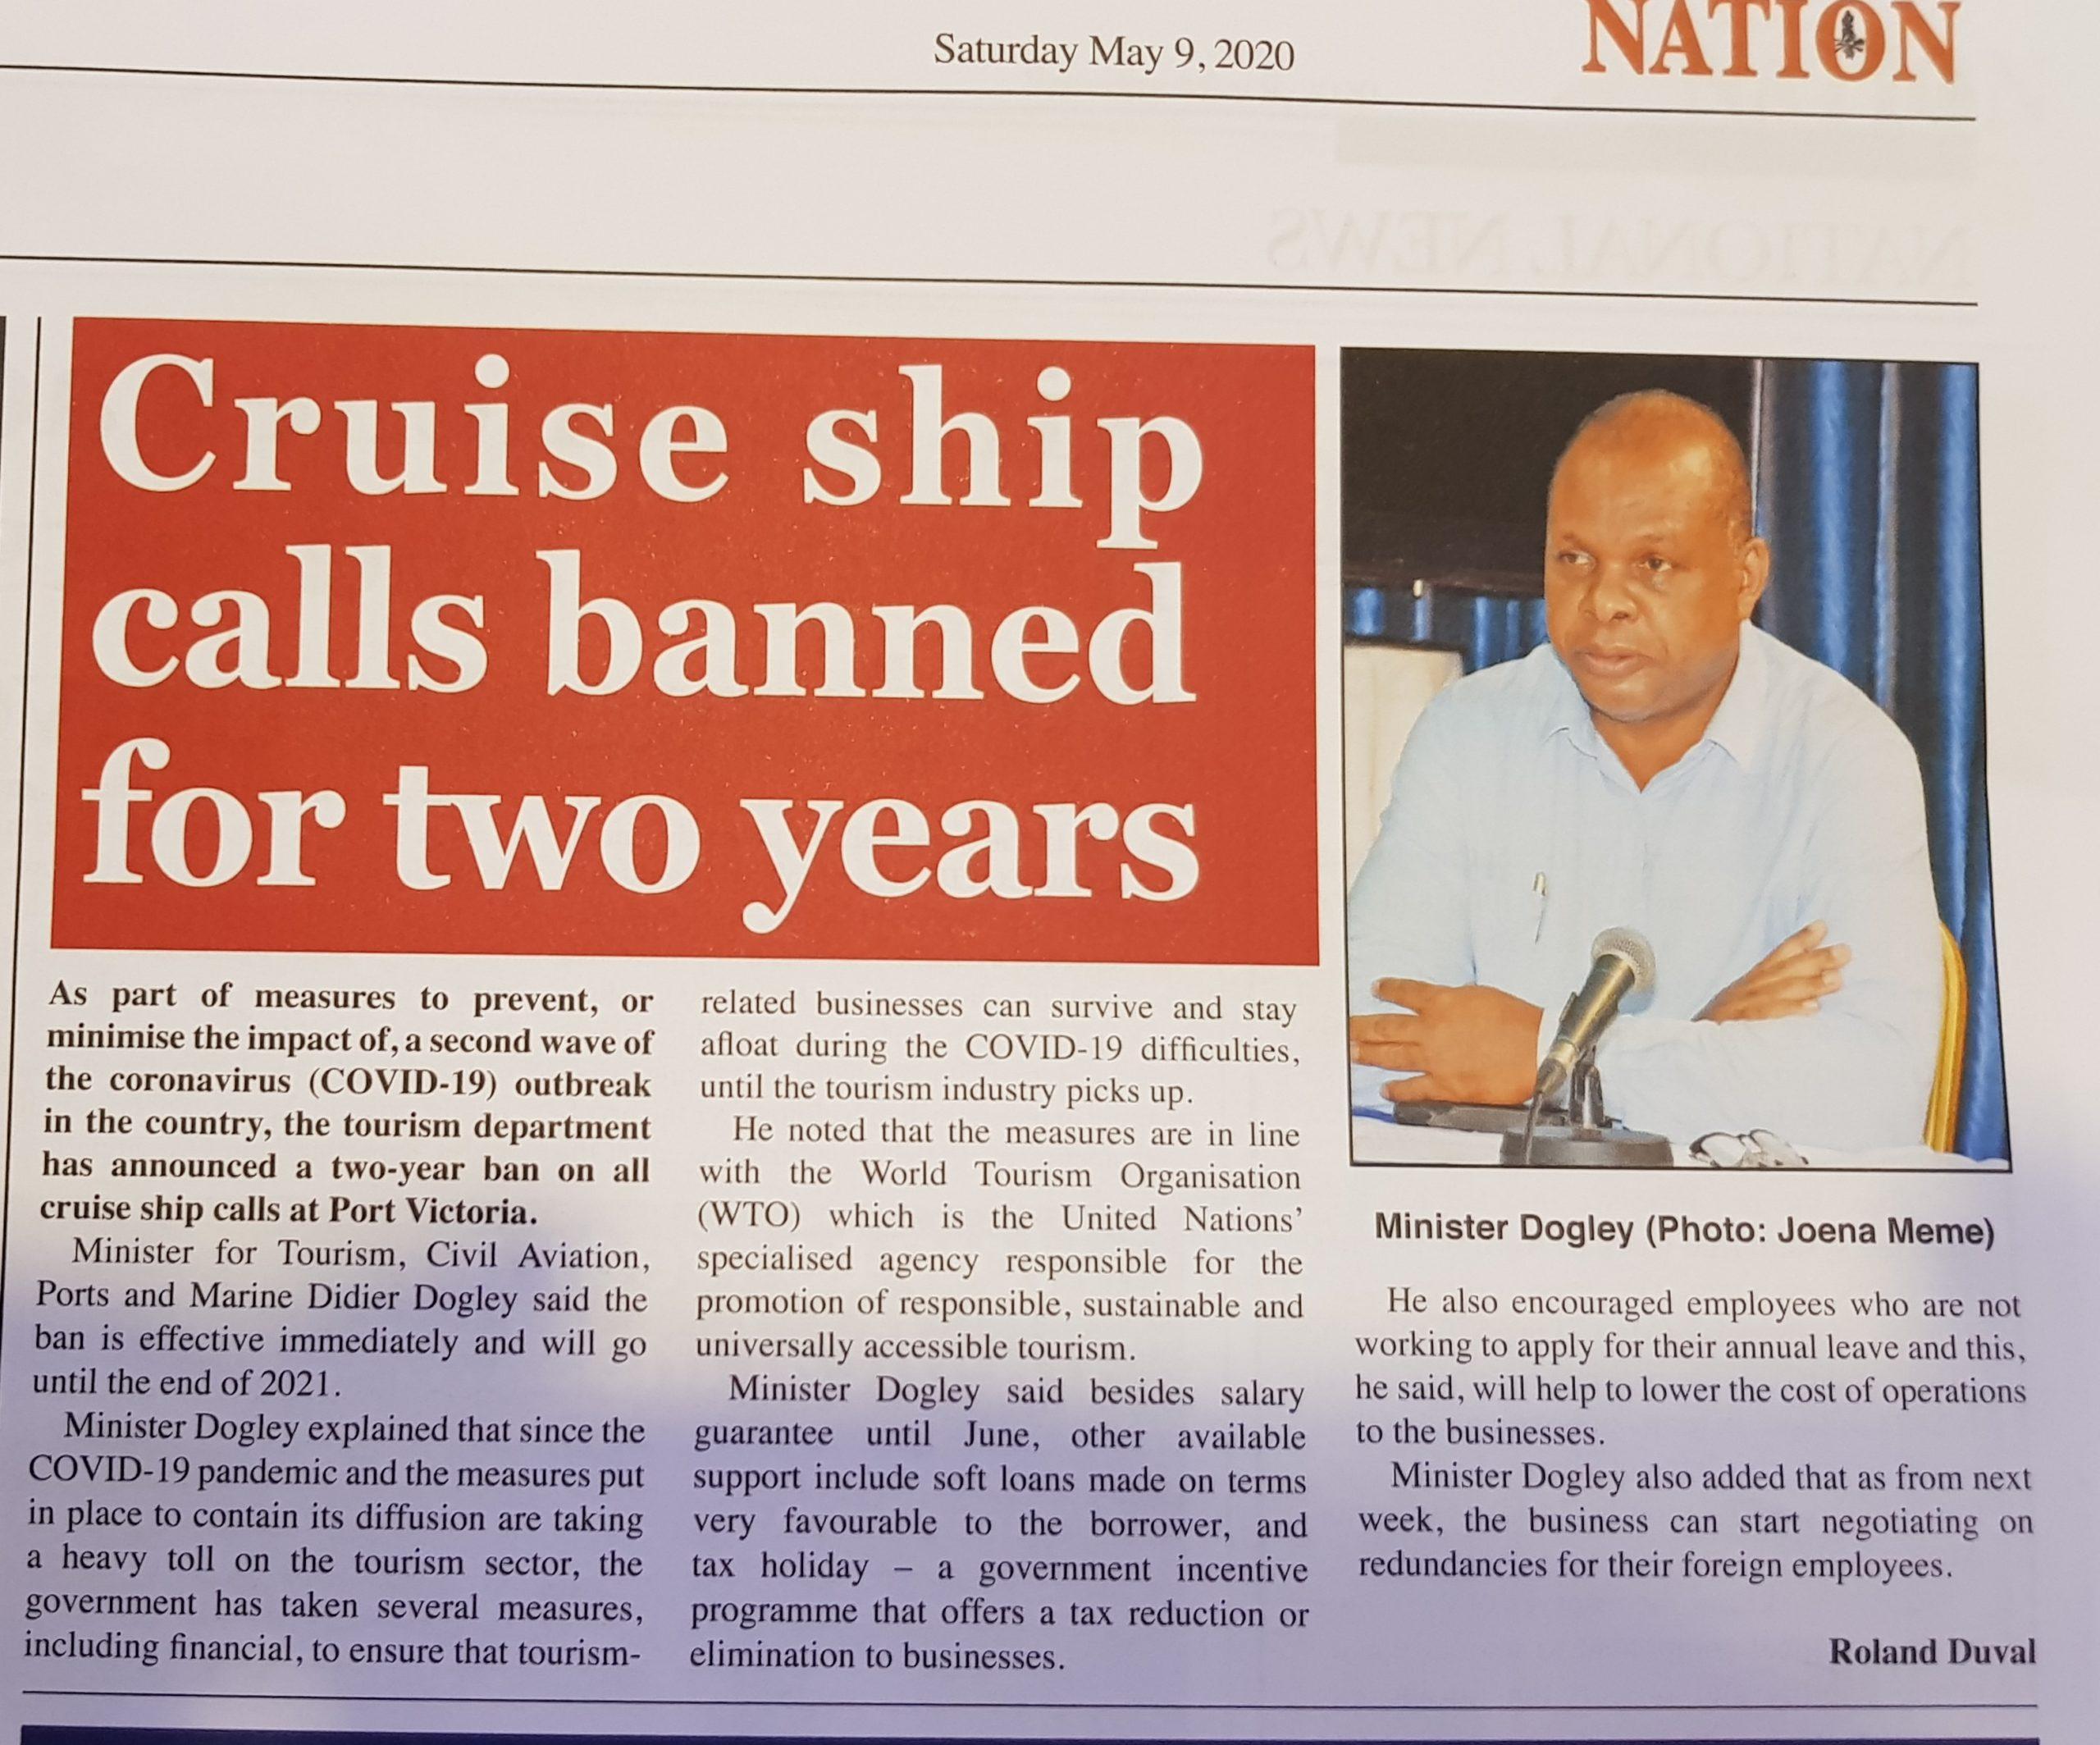 Les navires de croisière interdits pendant deux ans pour éviter une deuxième flambée de COVID-19